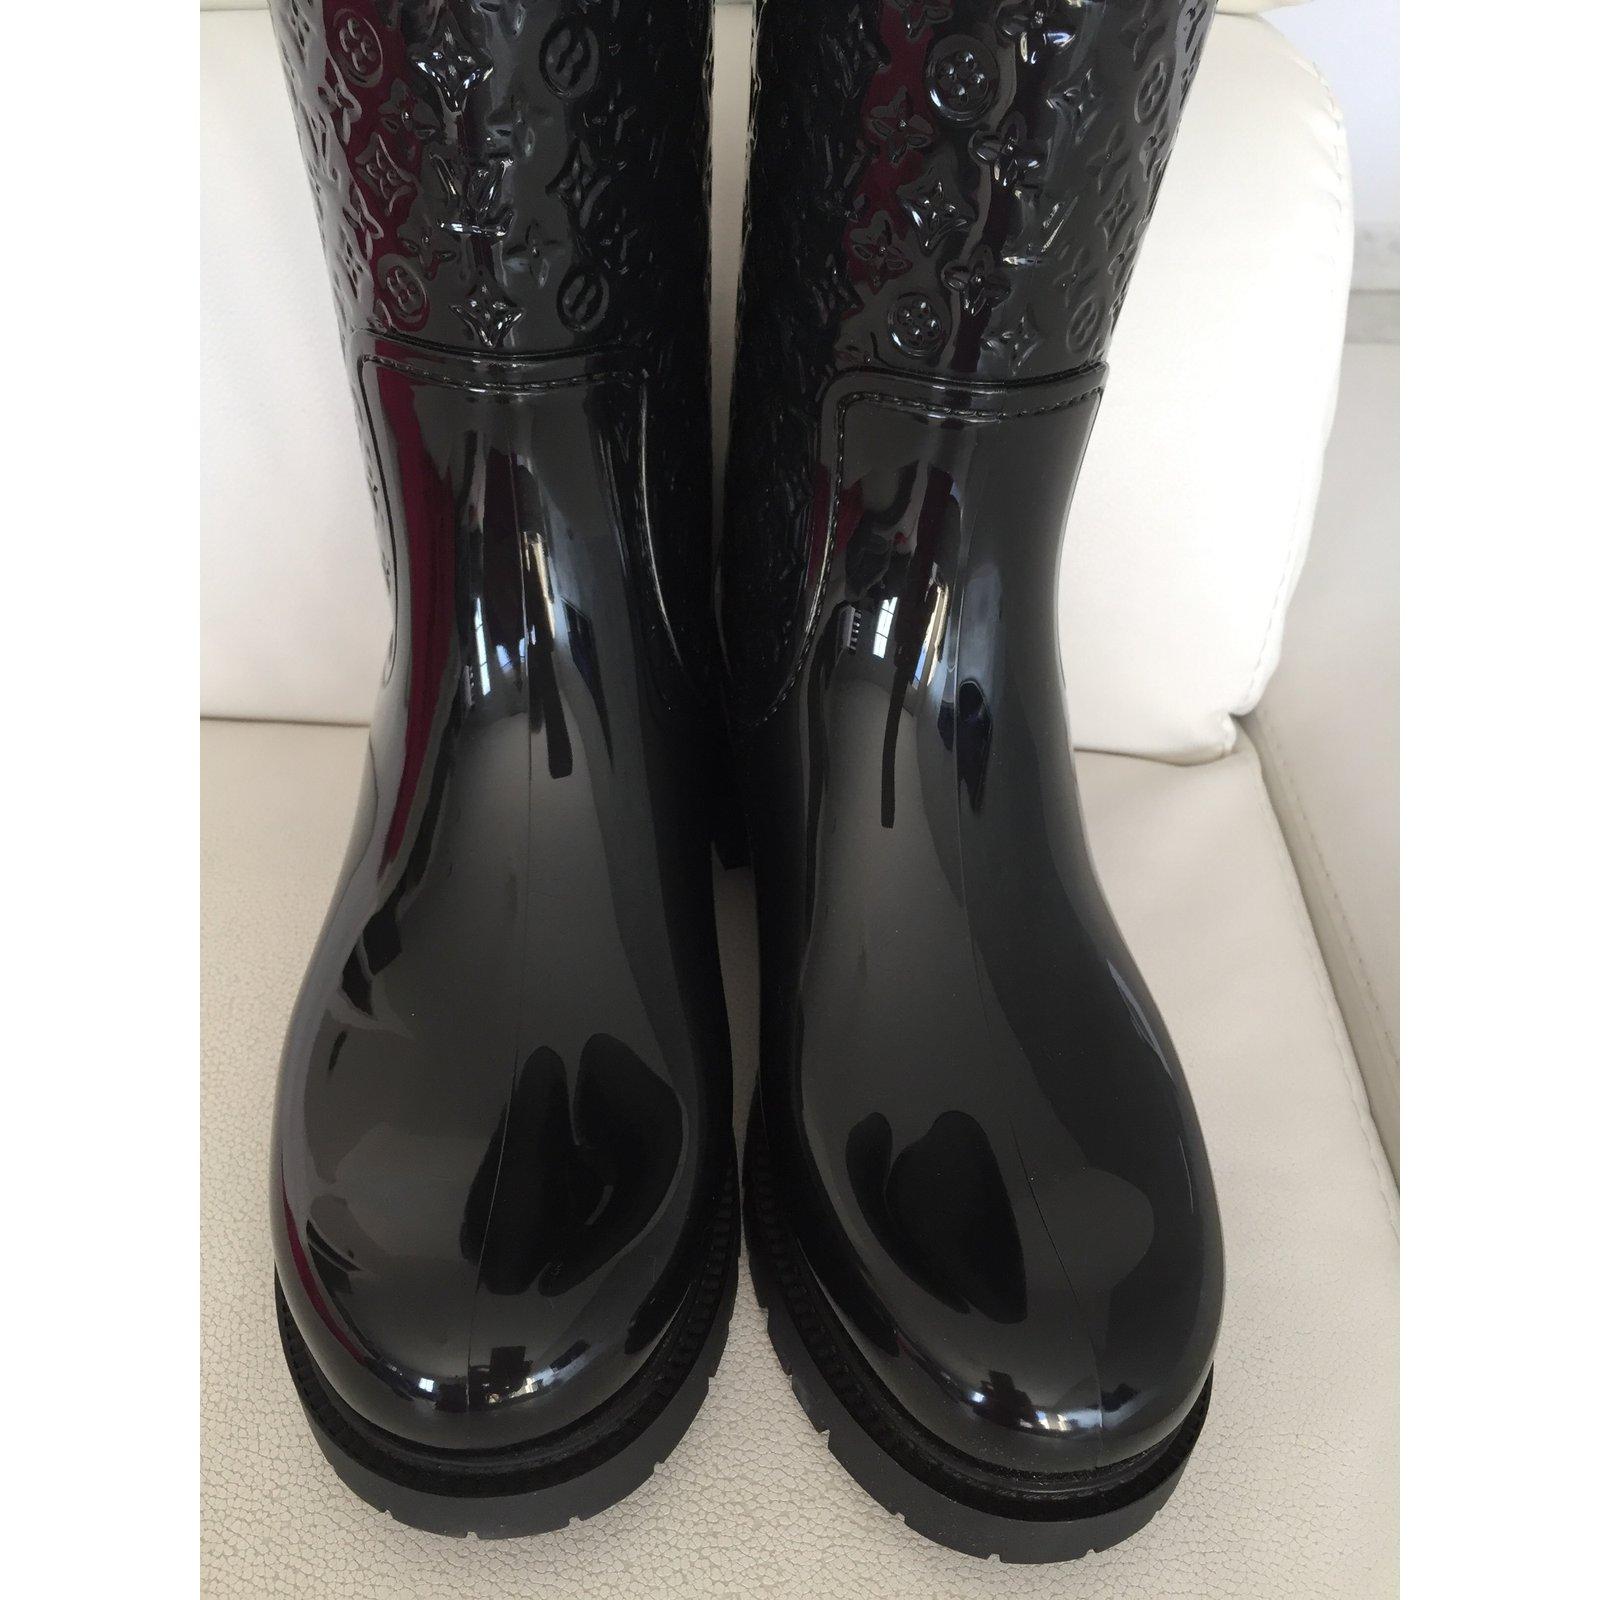 Bottes Louis Vuitton Bottes splash flat hight boot Caoutchouc Noir  ref.34241 - Joli Closet b0e482fc592